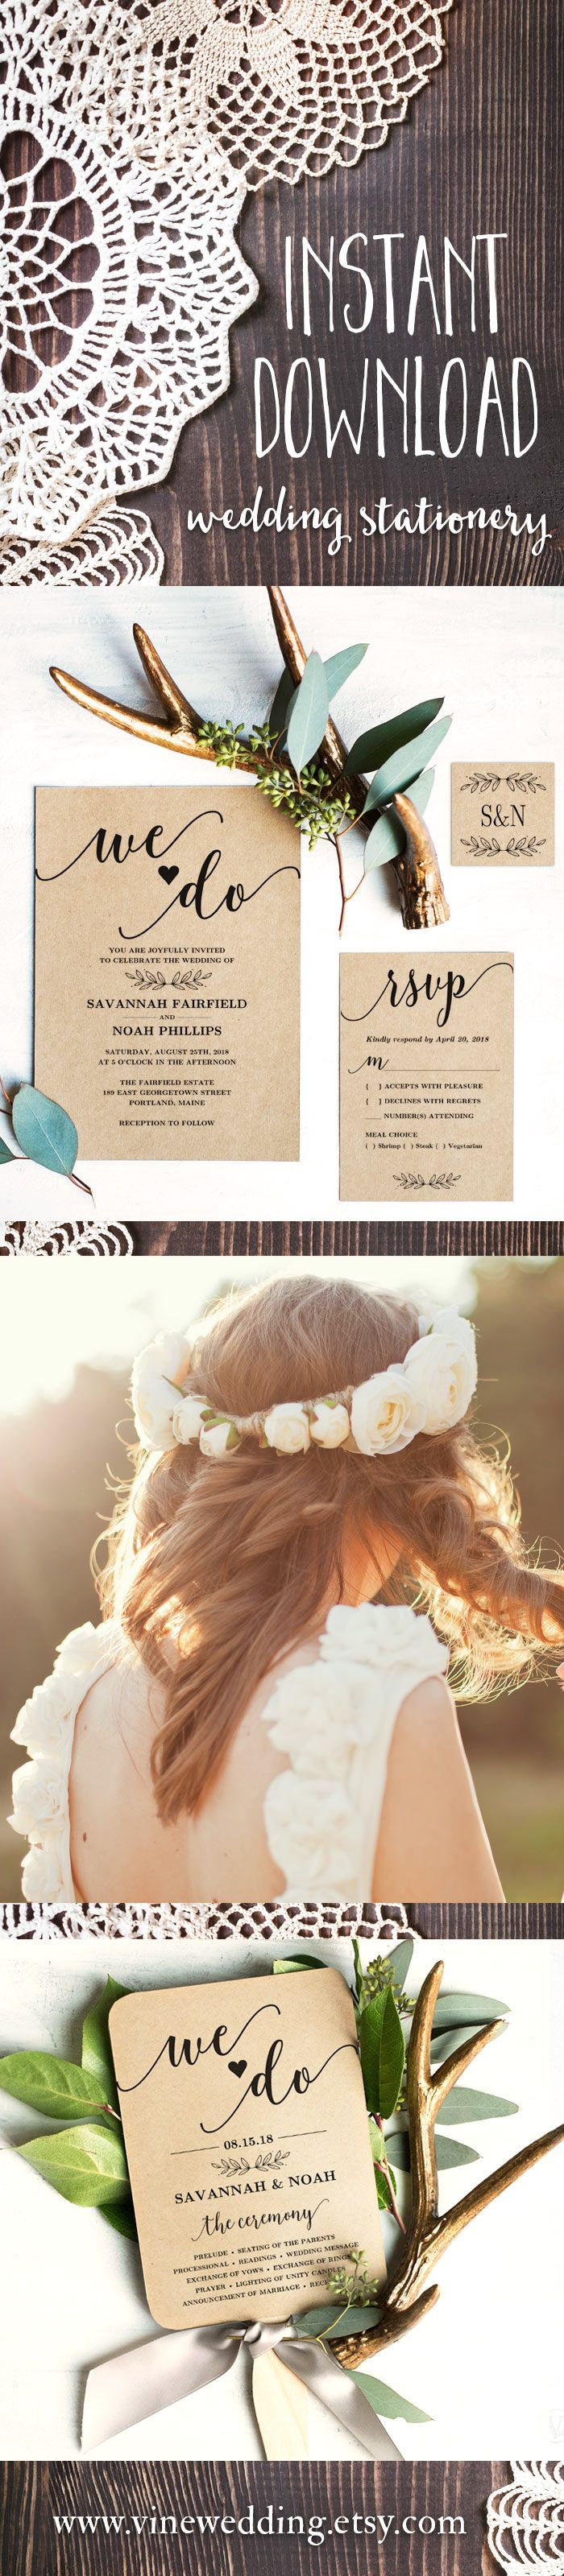 Boho Rustic Wedding Invitation. Printable and editable wedding stationery templates. #Wedding #invitations #invitation #vinewedding #printable #rustic #printable #template #diy #ideas #idea #budget #invites #wording #vintage #kraft #boho